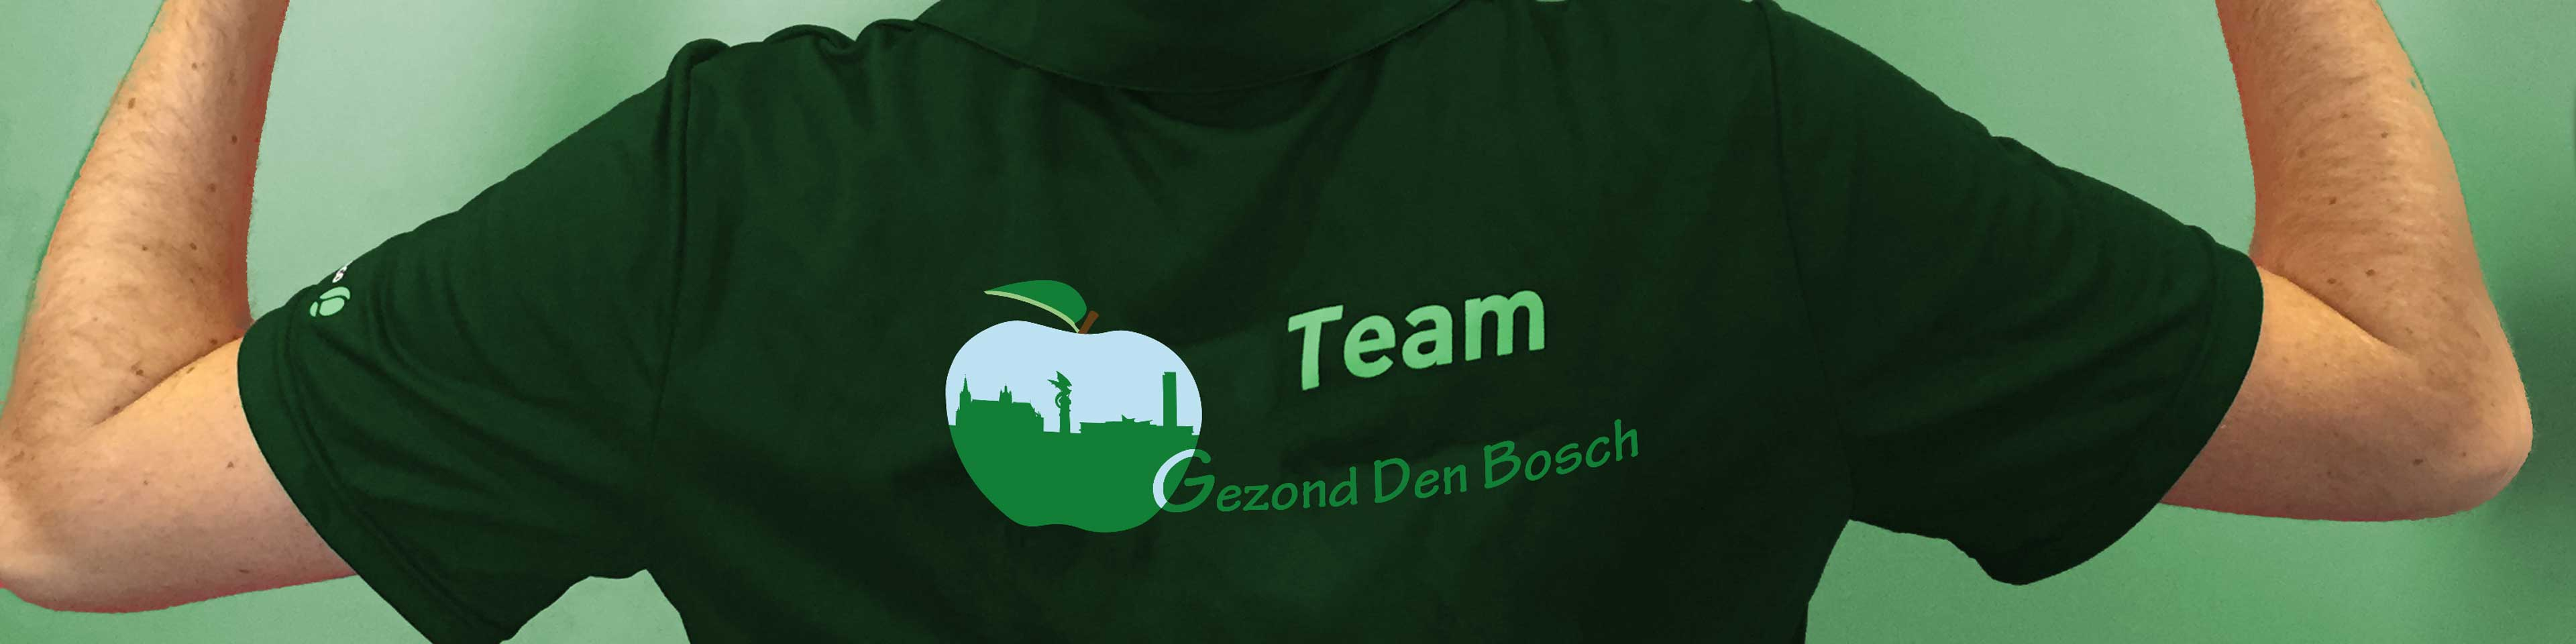 banner pagina team Gezond Den Bosch, weergave persoon met shirt met logo gezond Den Bosch